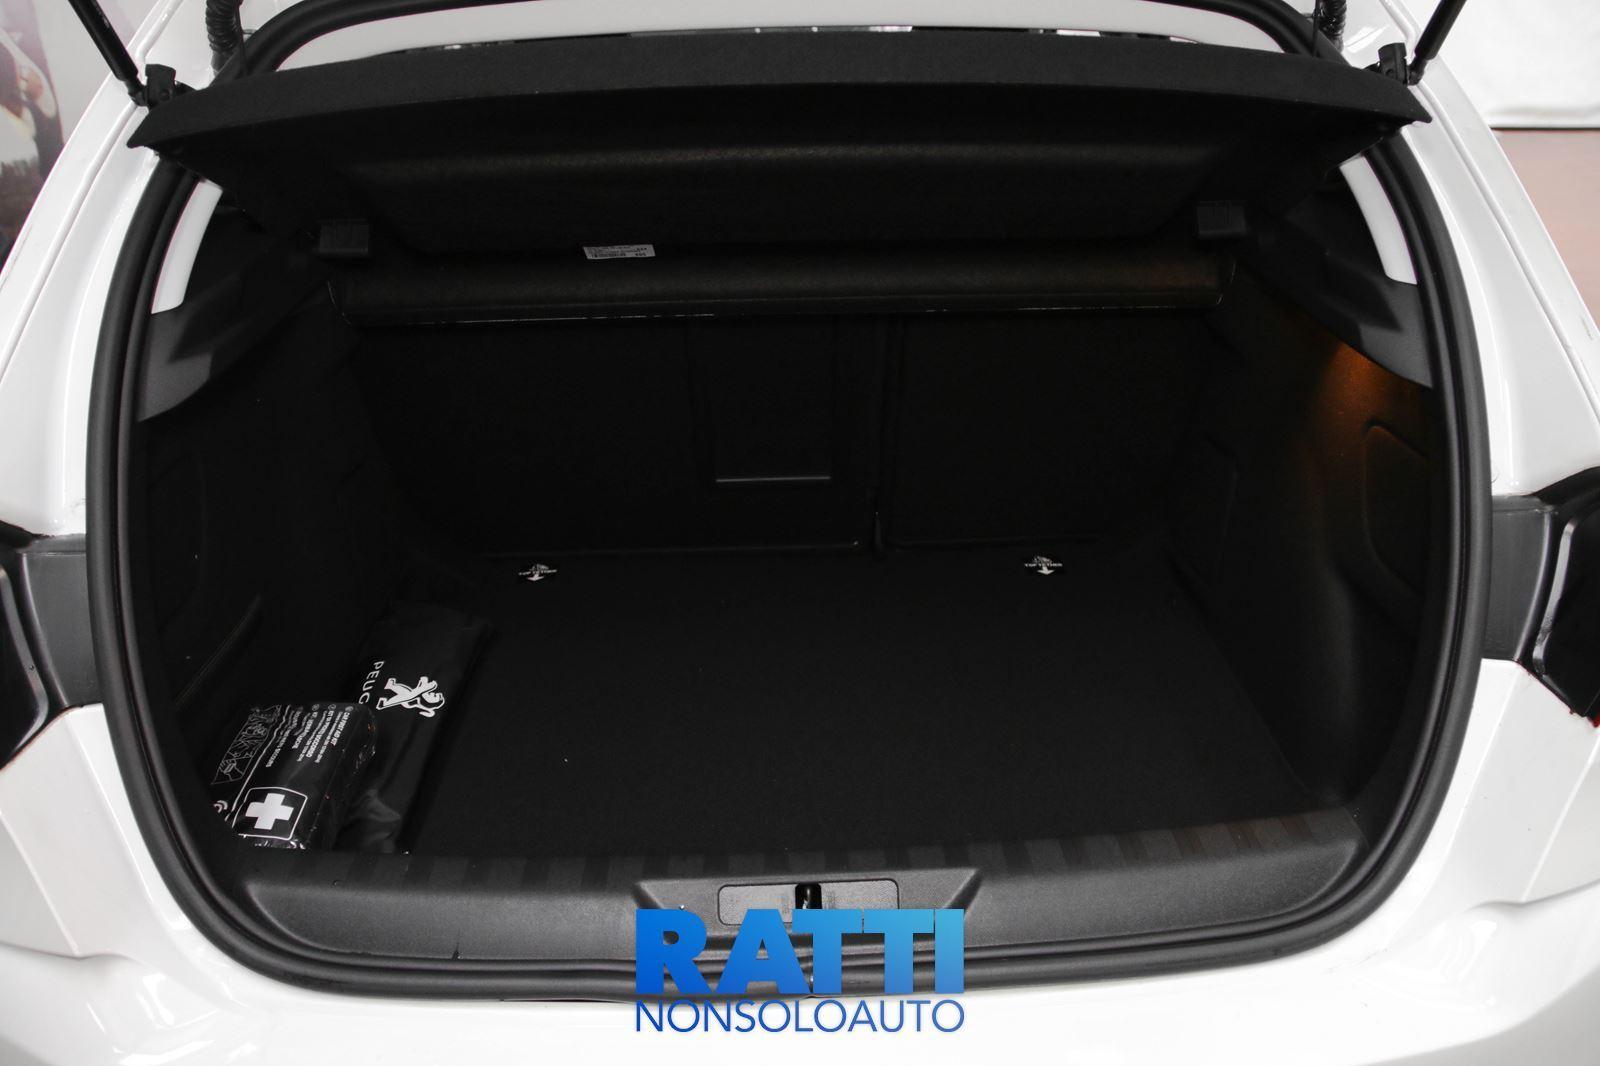 PEUGEOT 308 BlueHDi 1.5 130CV S&S Allure EU 6.2